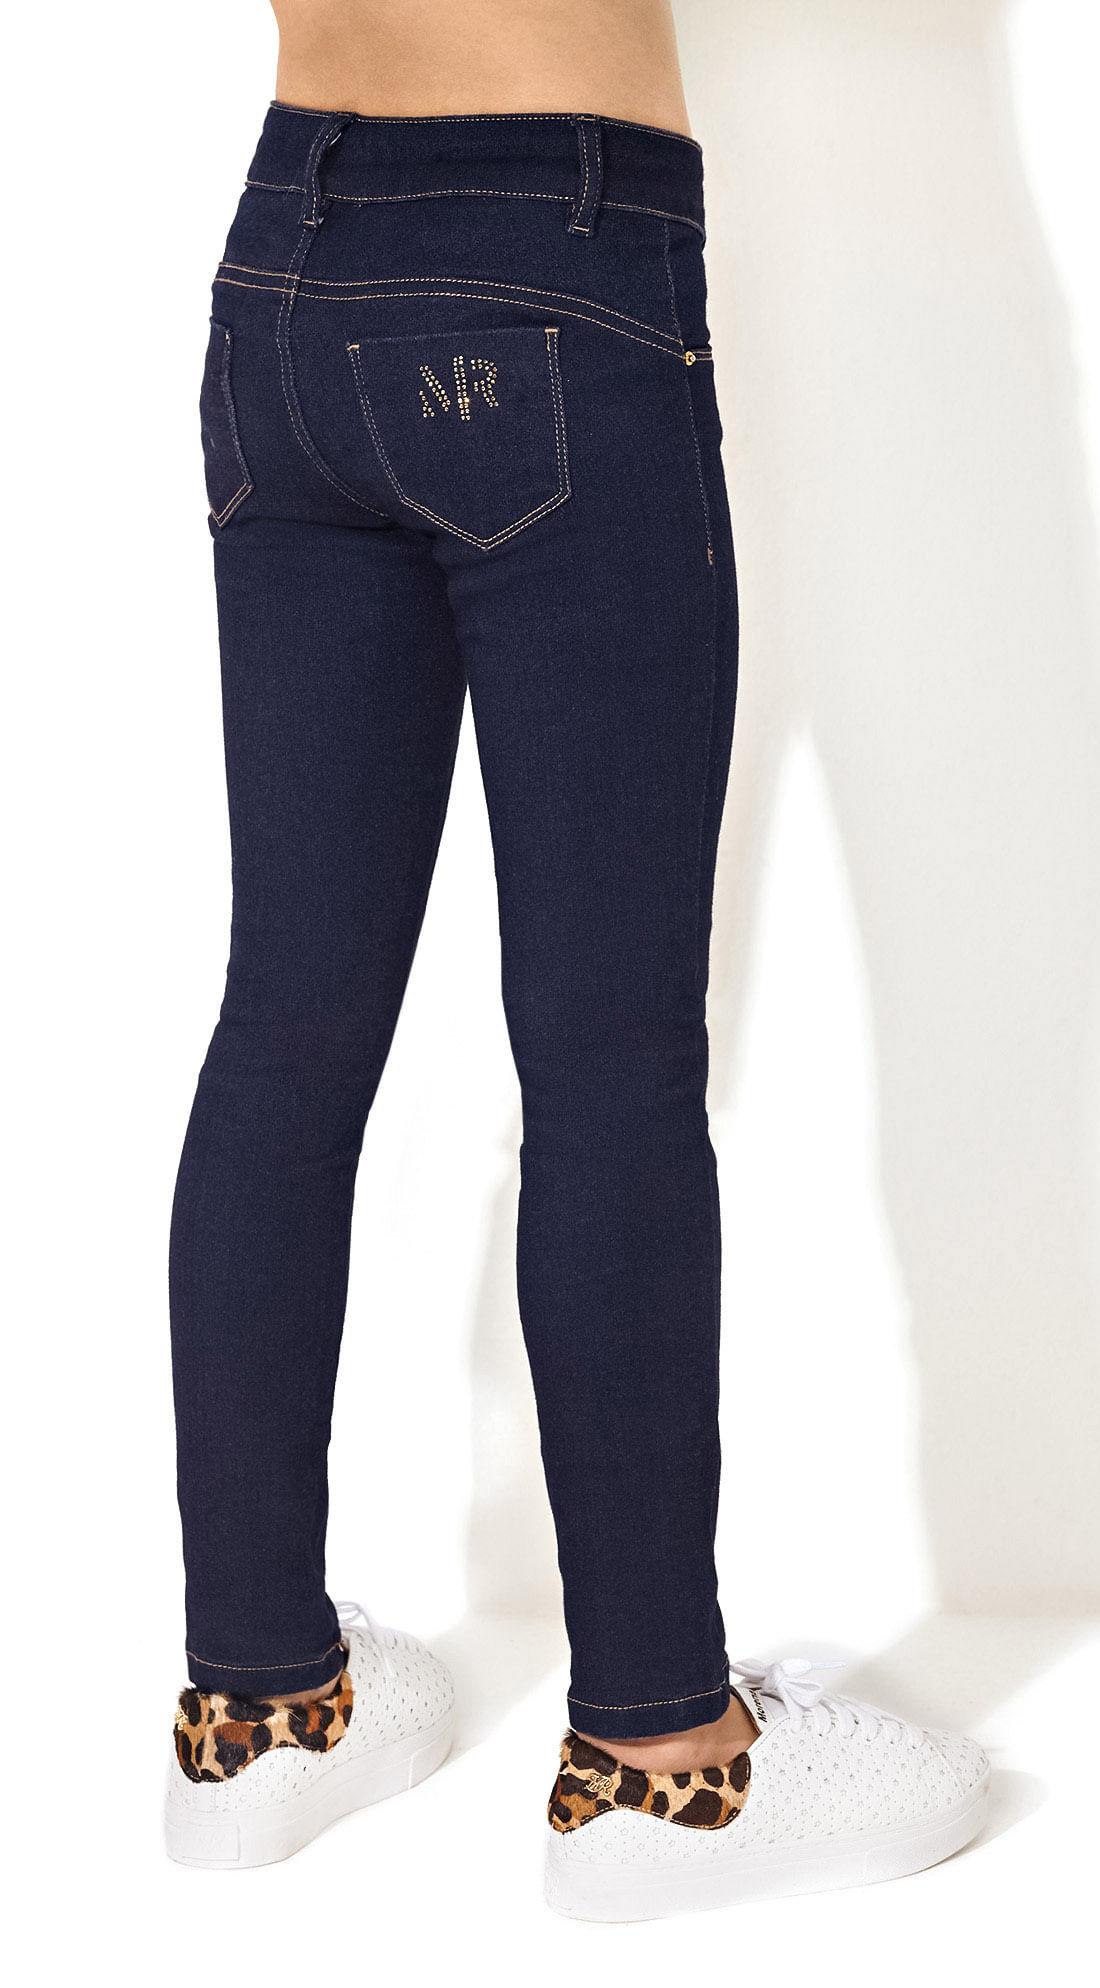 b9027e2adf3296 Calca Jeans Andreia Cos Intermediario Tal Mae Tal Filha Jeans